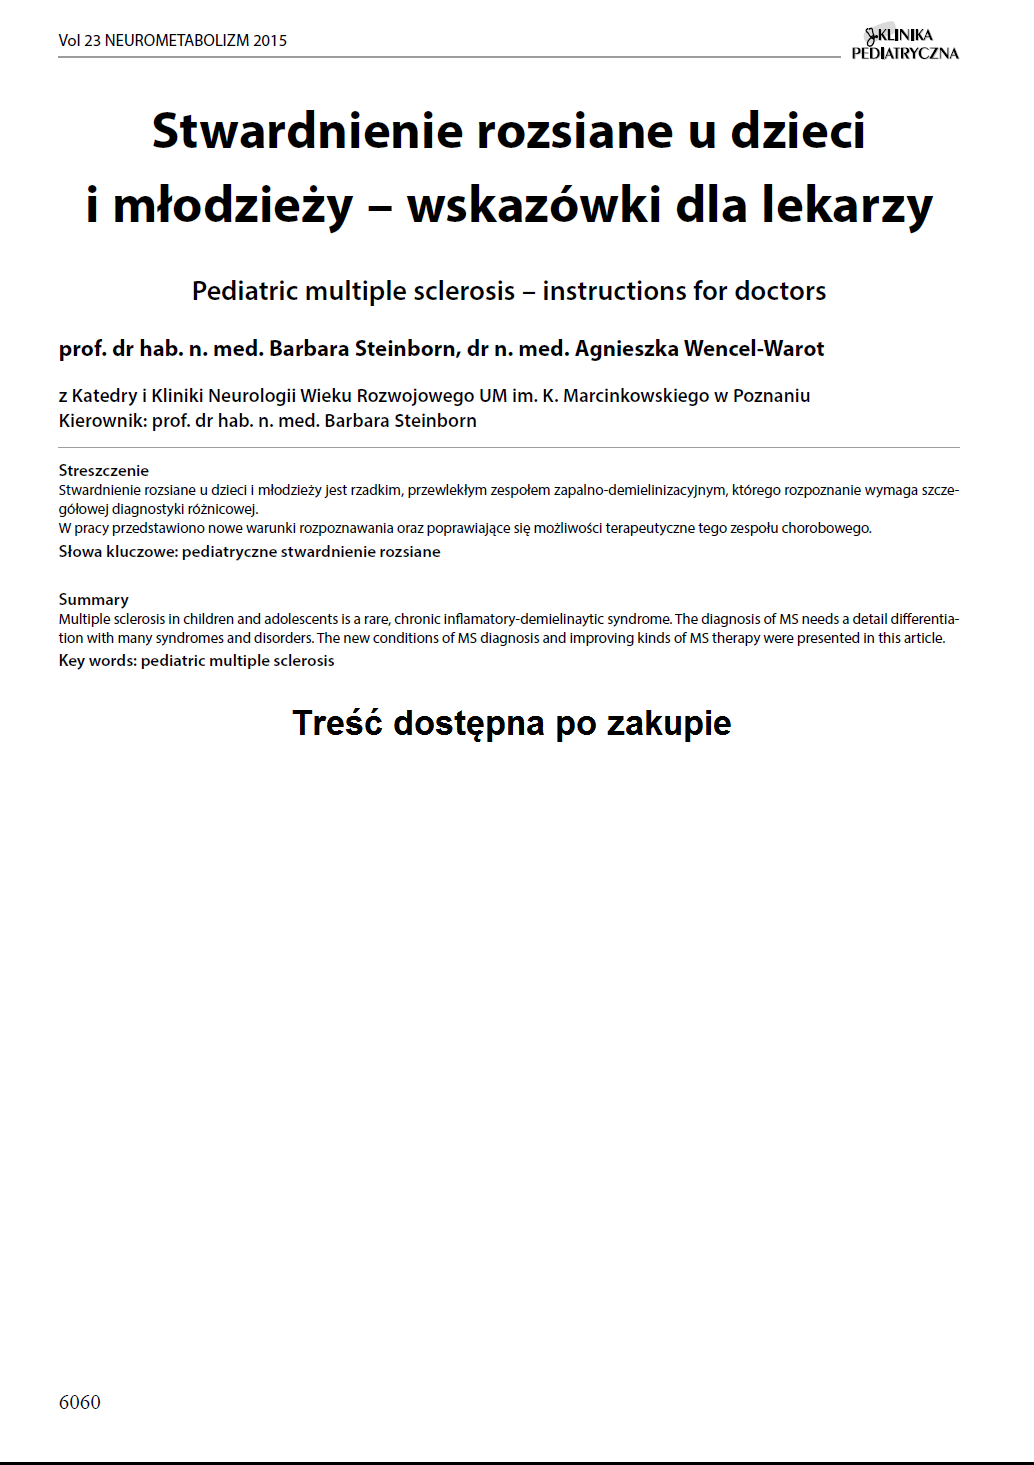 KP 2015-Neurometabolizm: Stwardnienie rozsiane u dzieci i młodzieży – wskazówki dla lekarzy